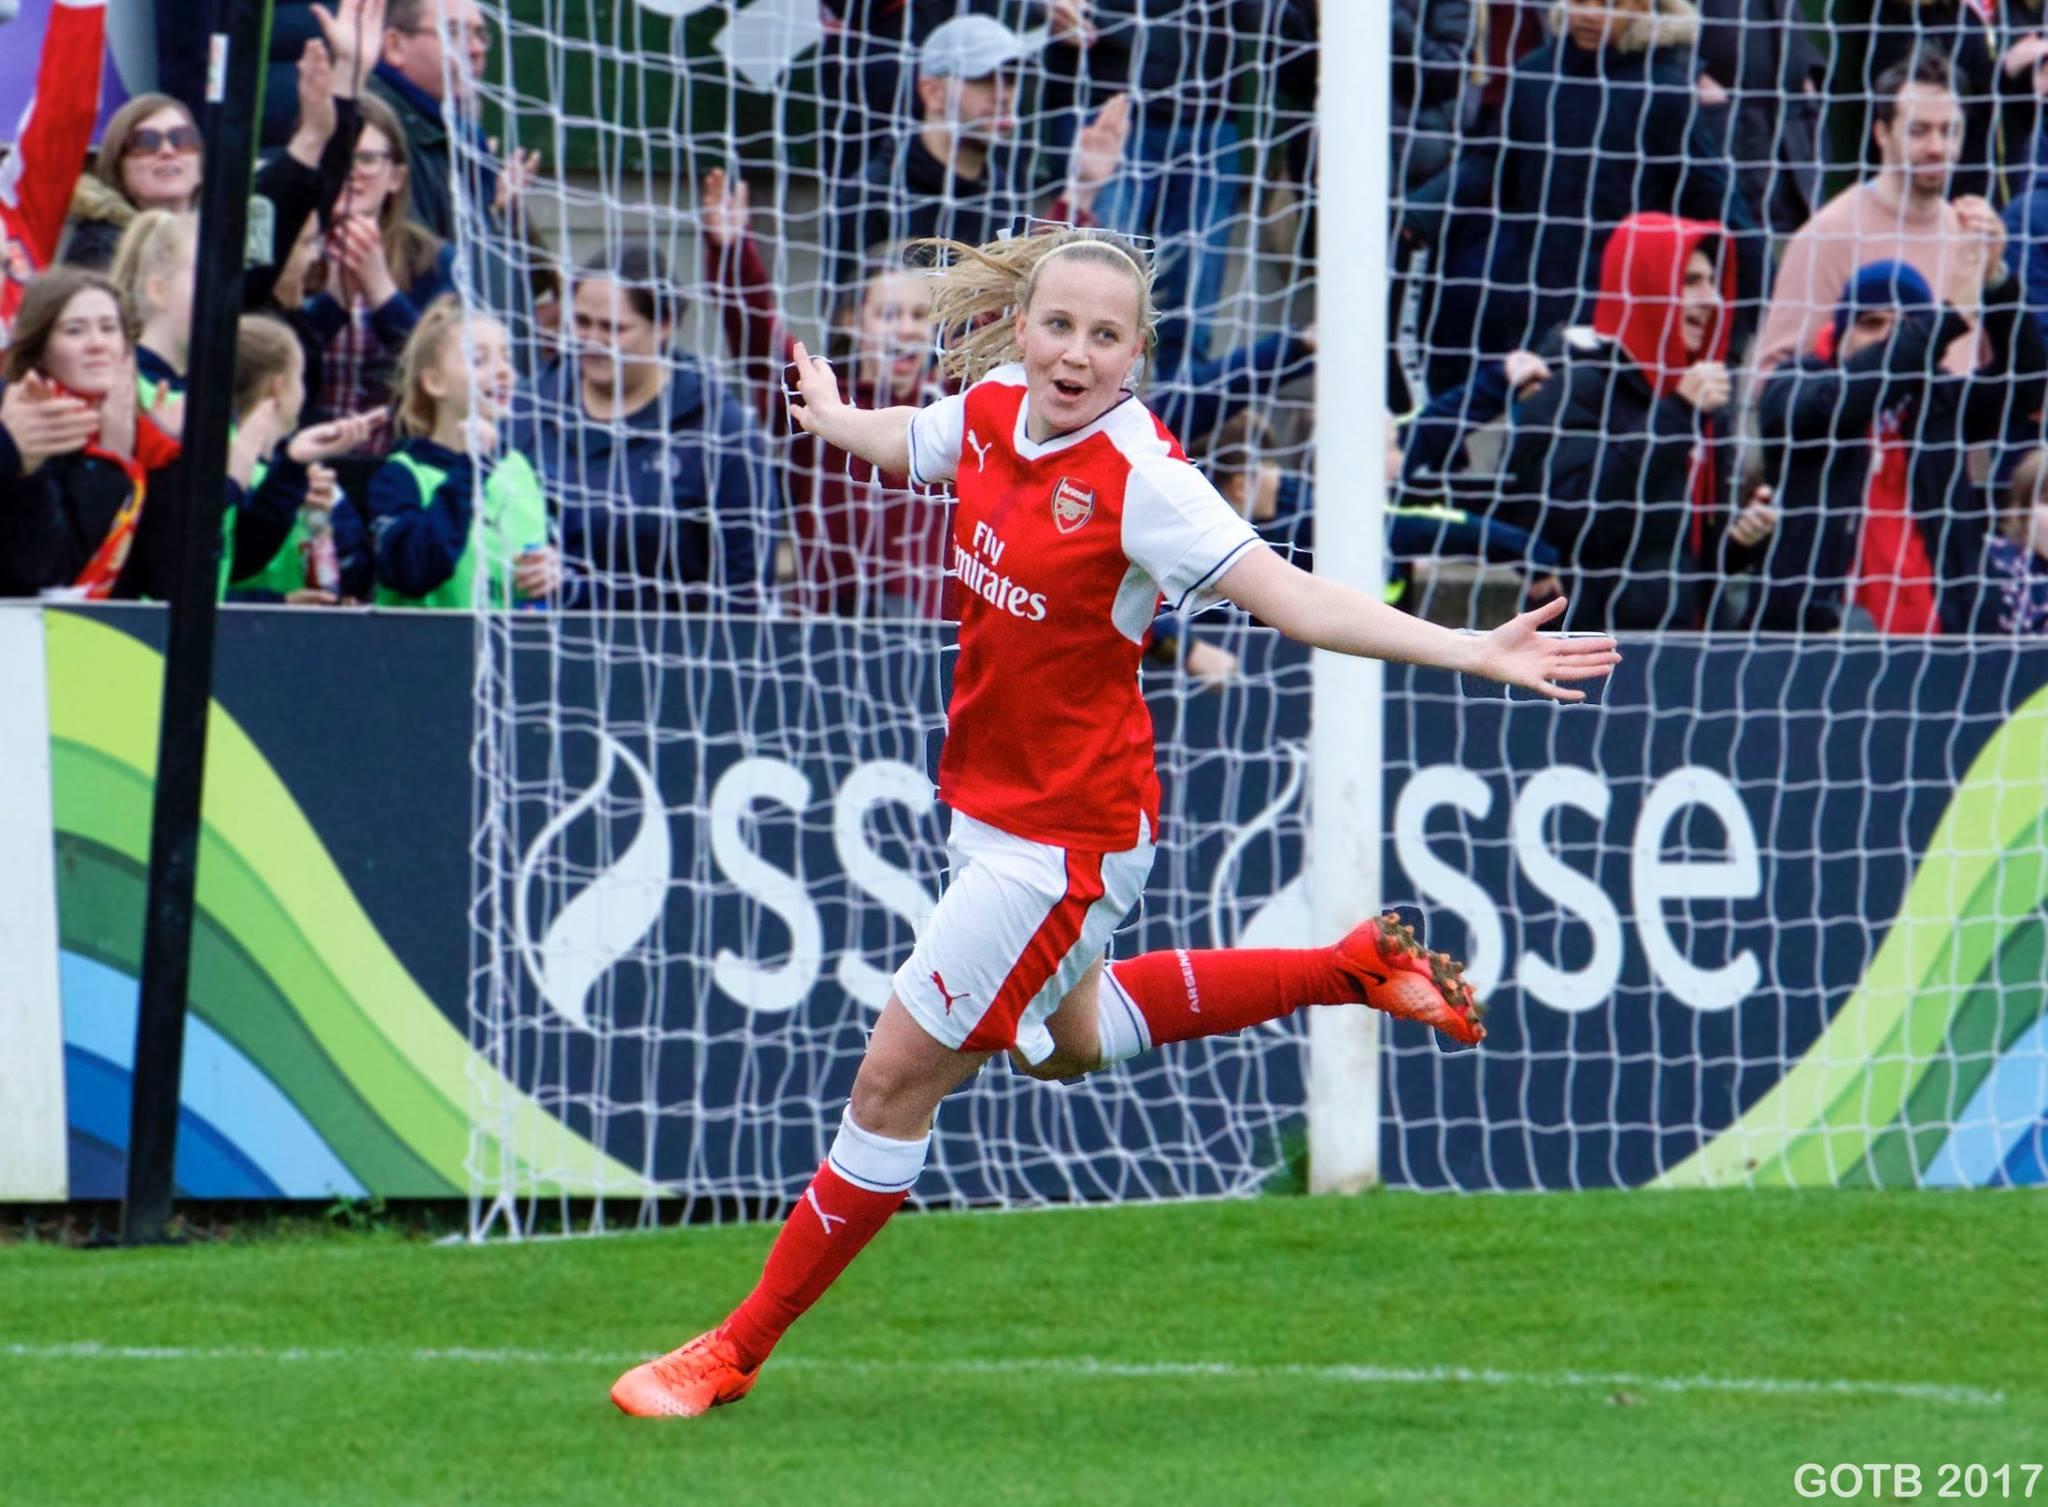 Arsenal v Tottenham Hotspur, FA Cup